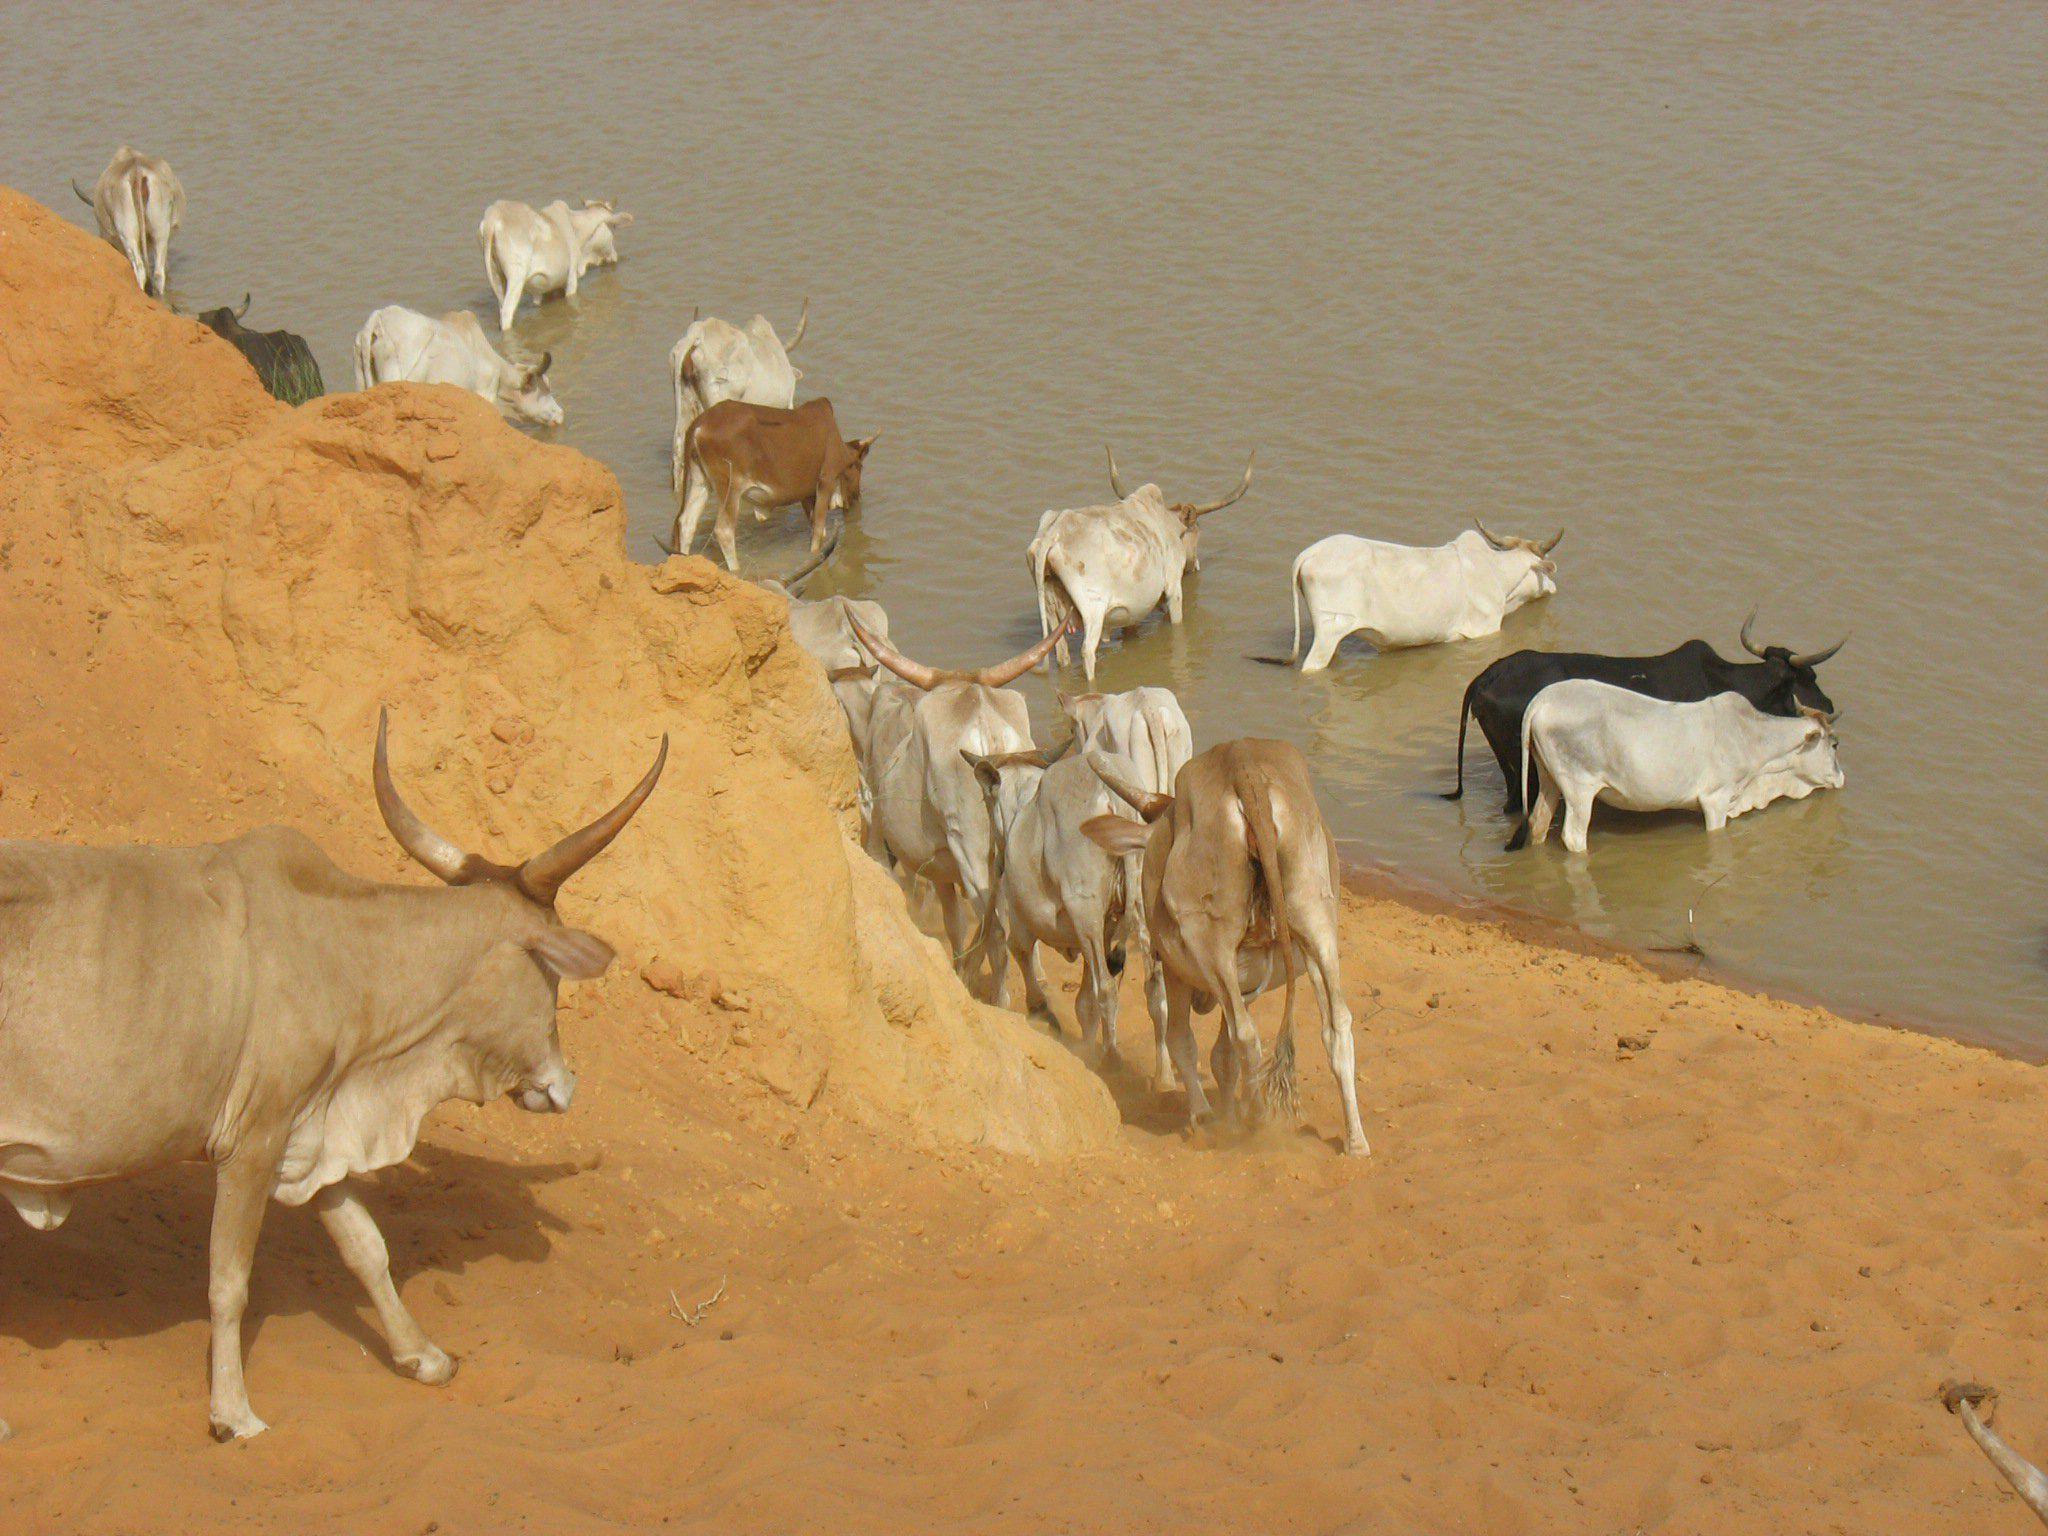 Les bêtes en direction du fleuve Sénégal